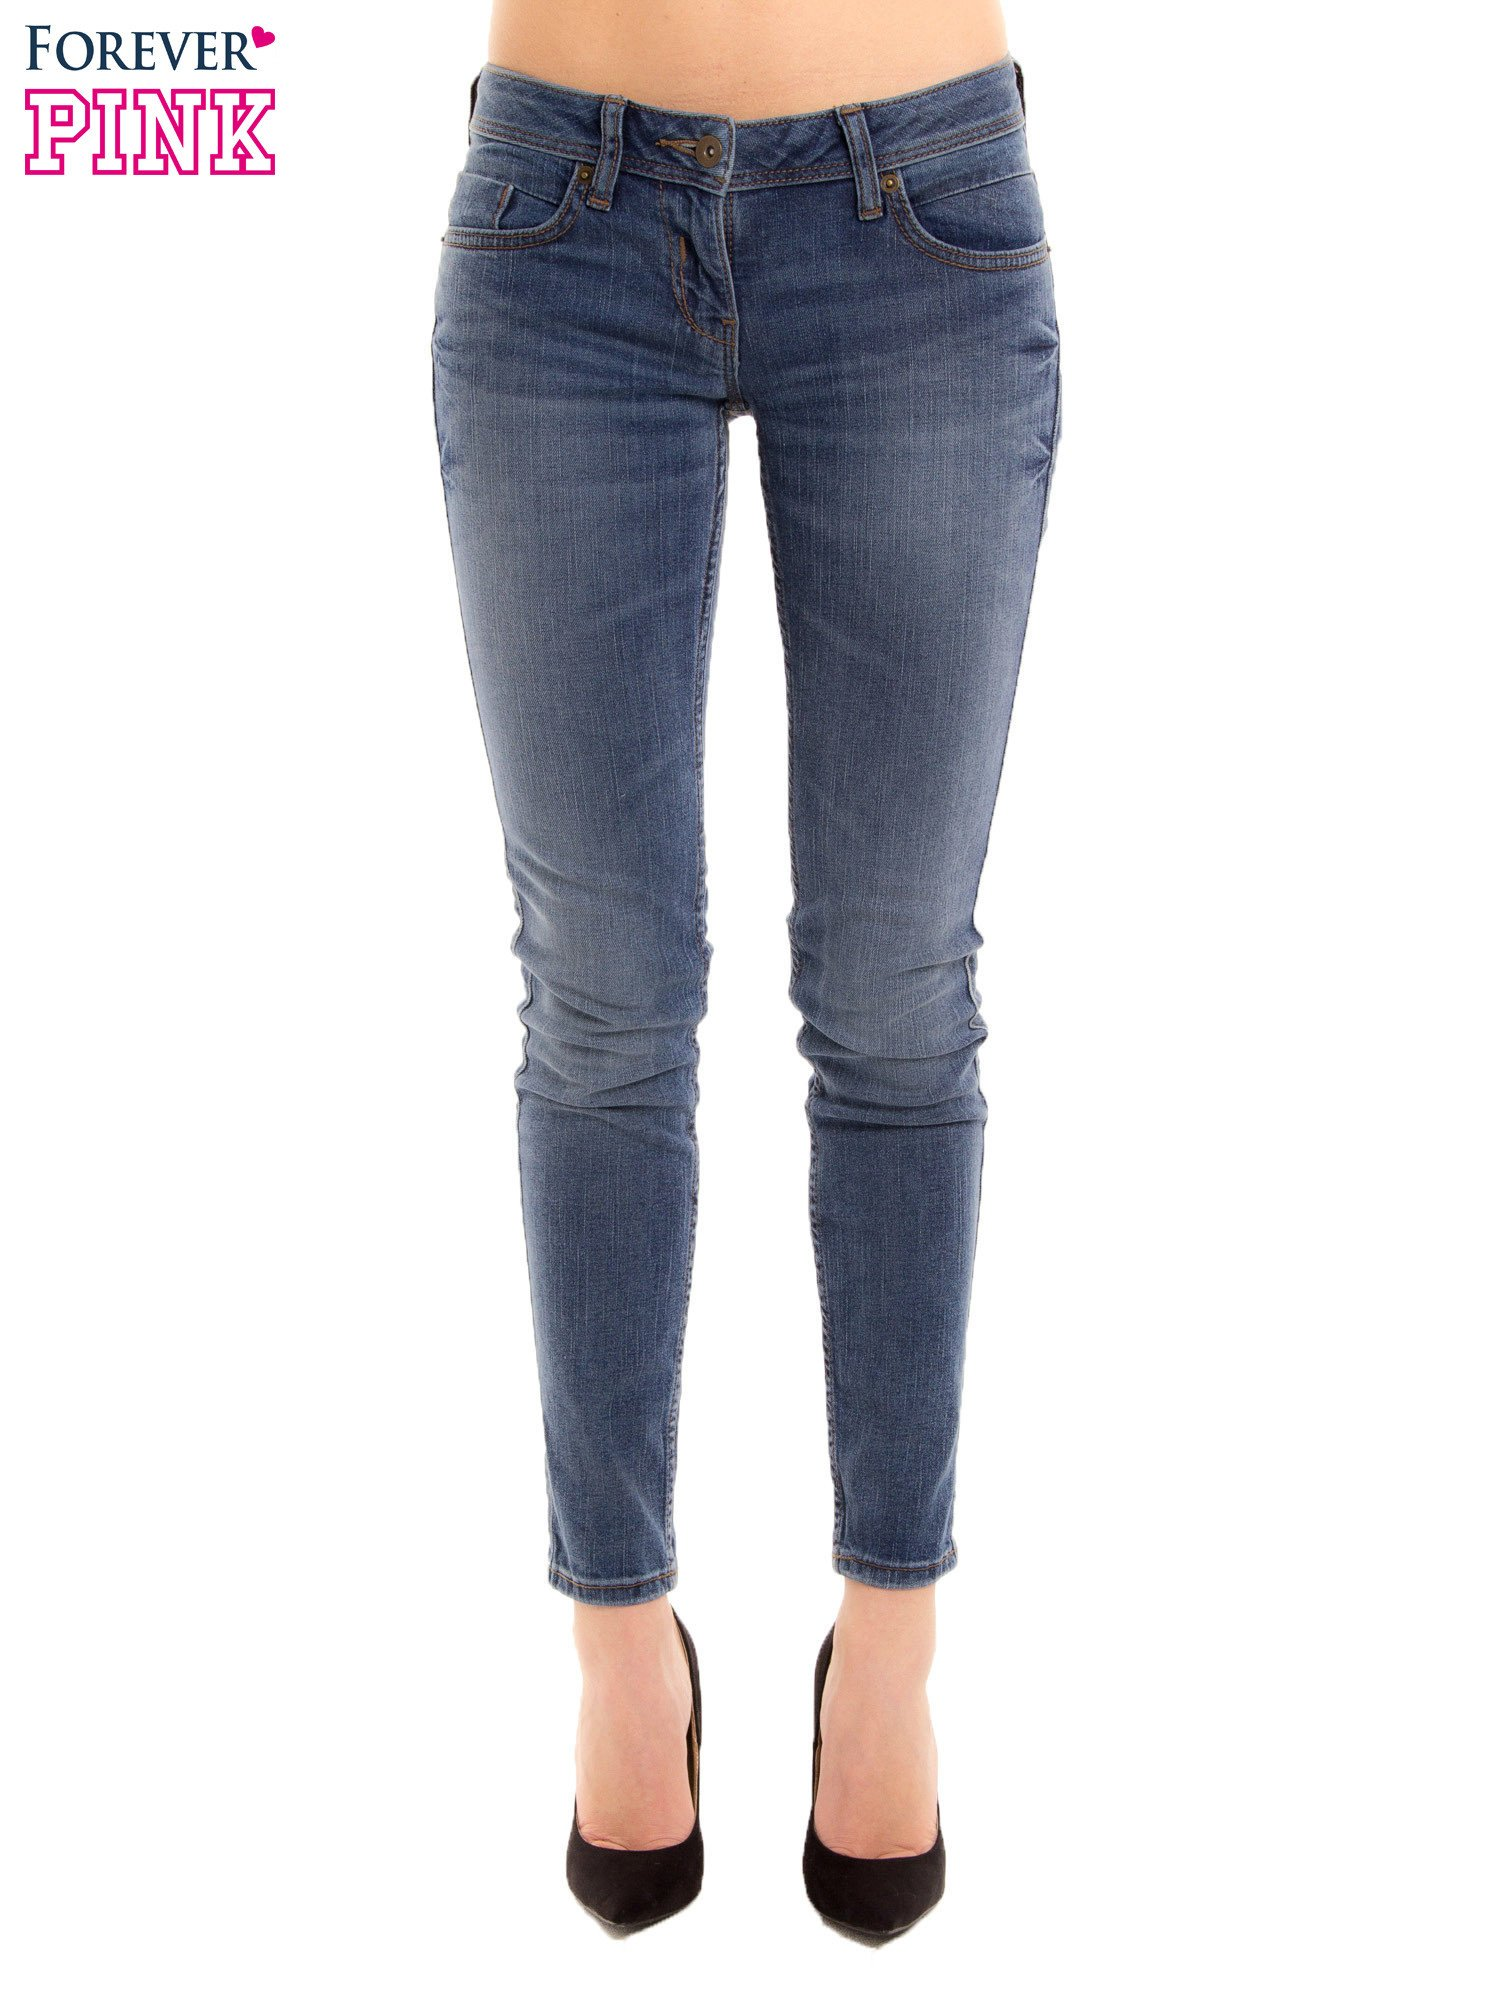 Niebieskie rurki skinny jeans                                  zdj.                                  1